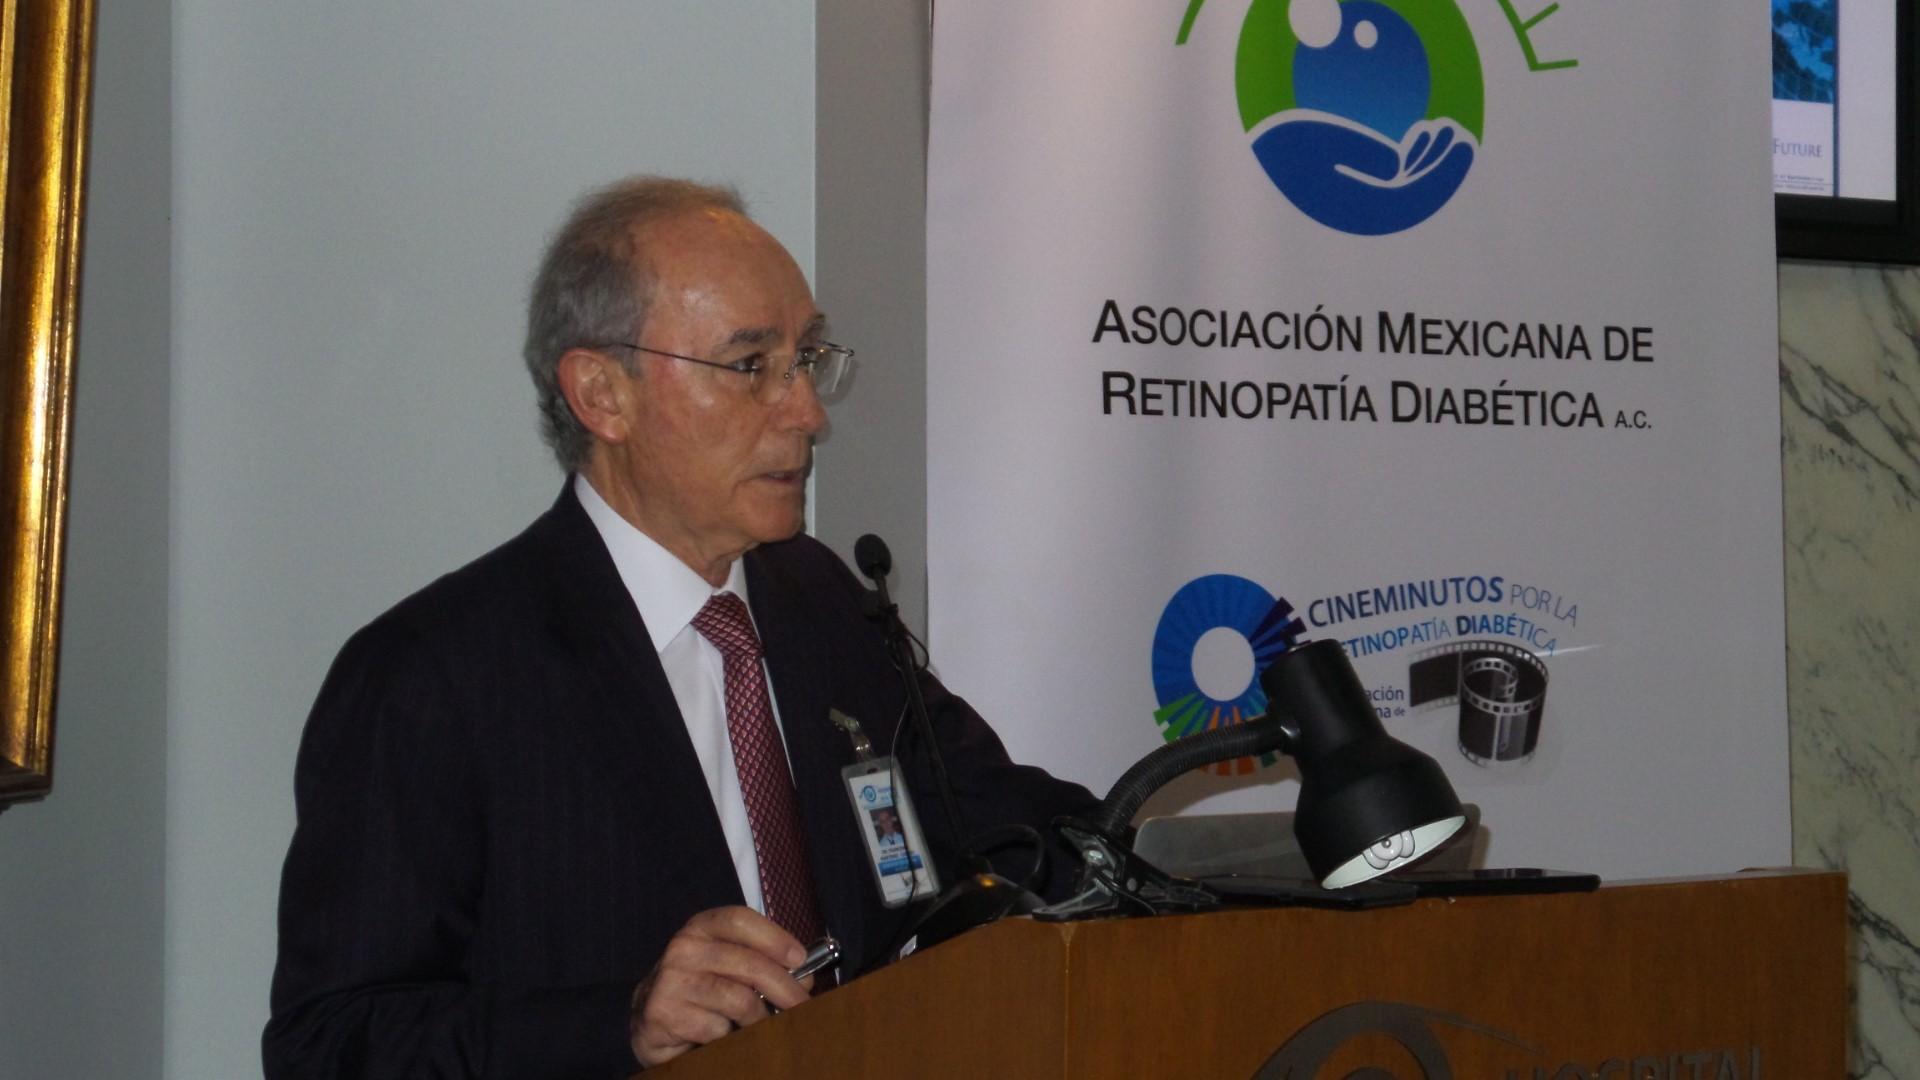 Para prevenir ceguera por diabetes nace la Asociación Mexicana de Retinopatía Diabética A.C.